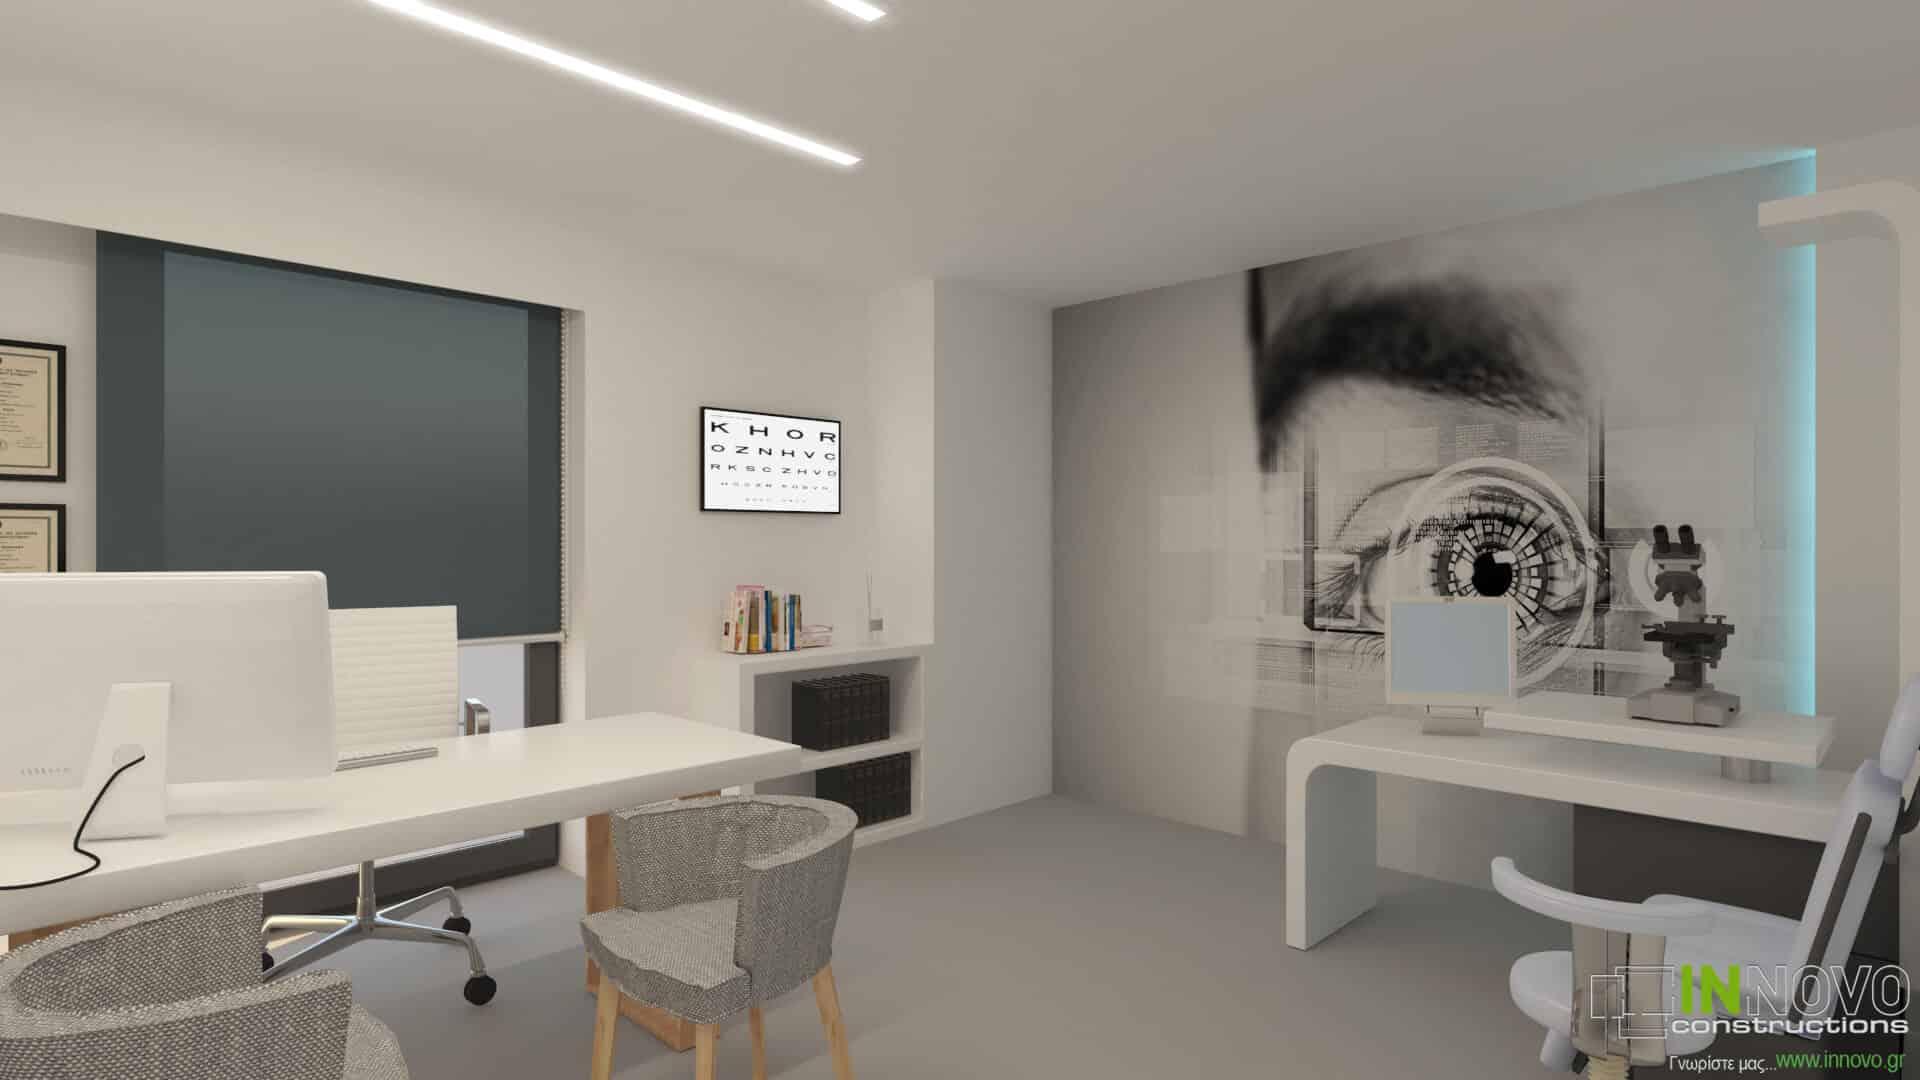 Μελέτη κατασκευής οφθαλμολογικής κλινικής στη Γλυφάδα